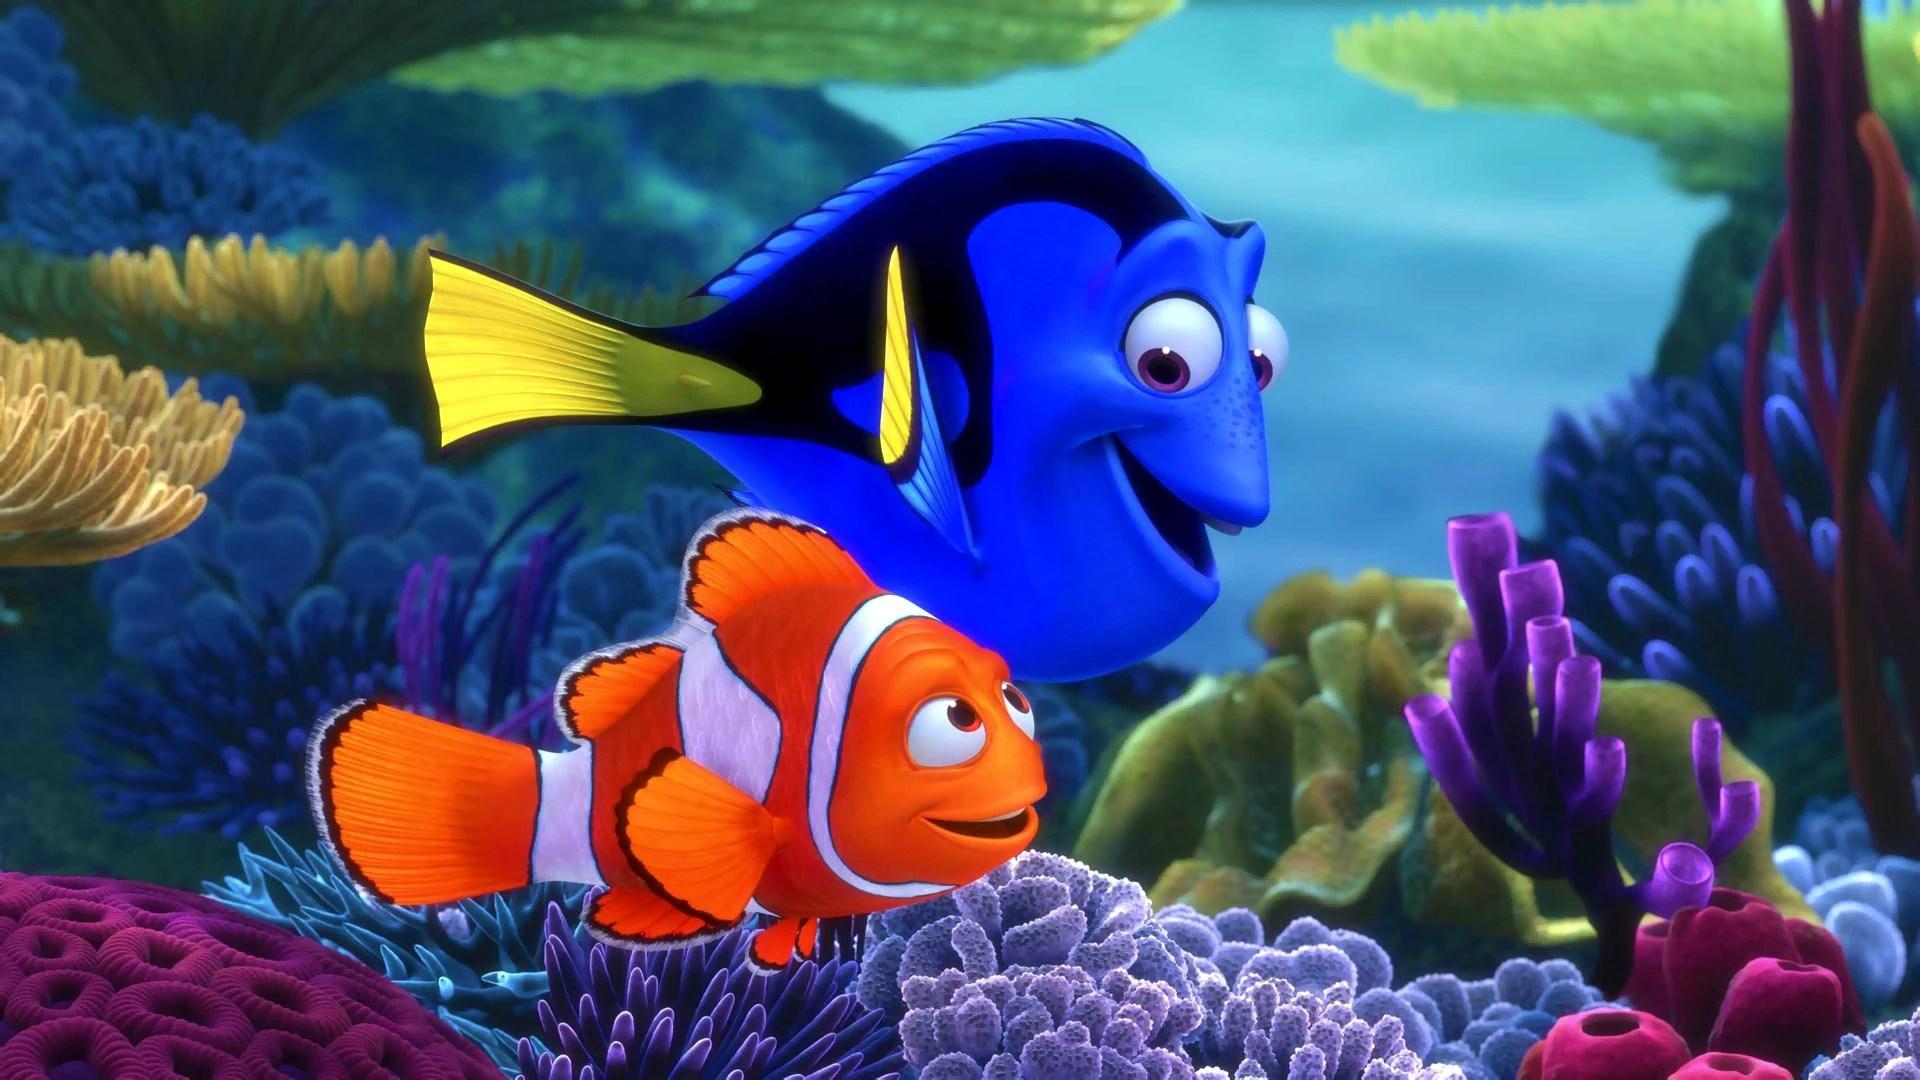 https://i2.wp.com/images.wikia.com/pixar/images/2/26/Finding-nemo-dory-marlin.jpg